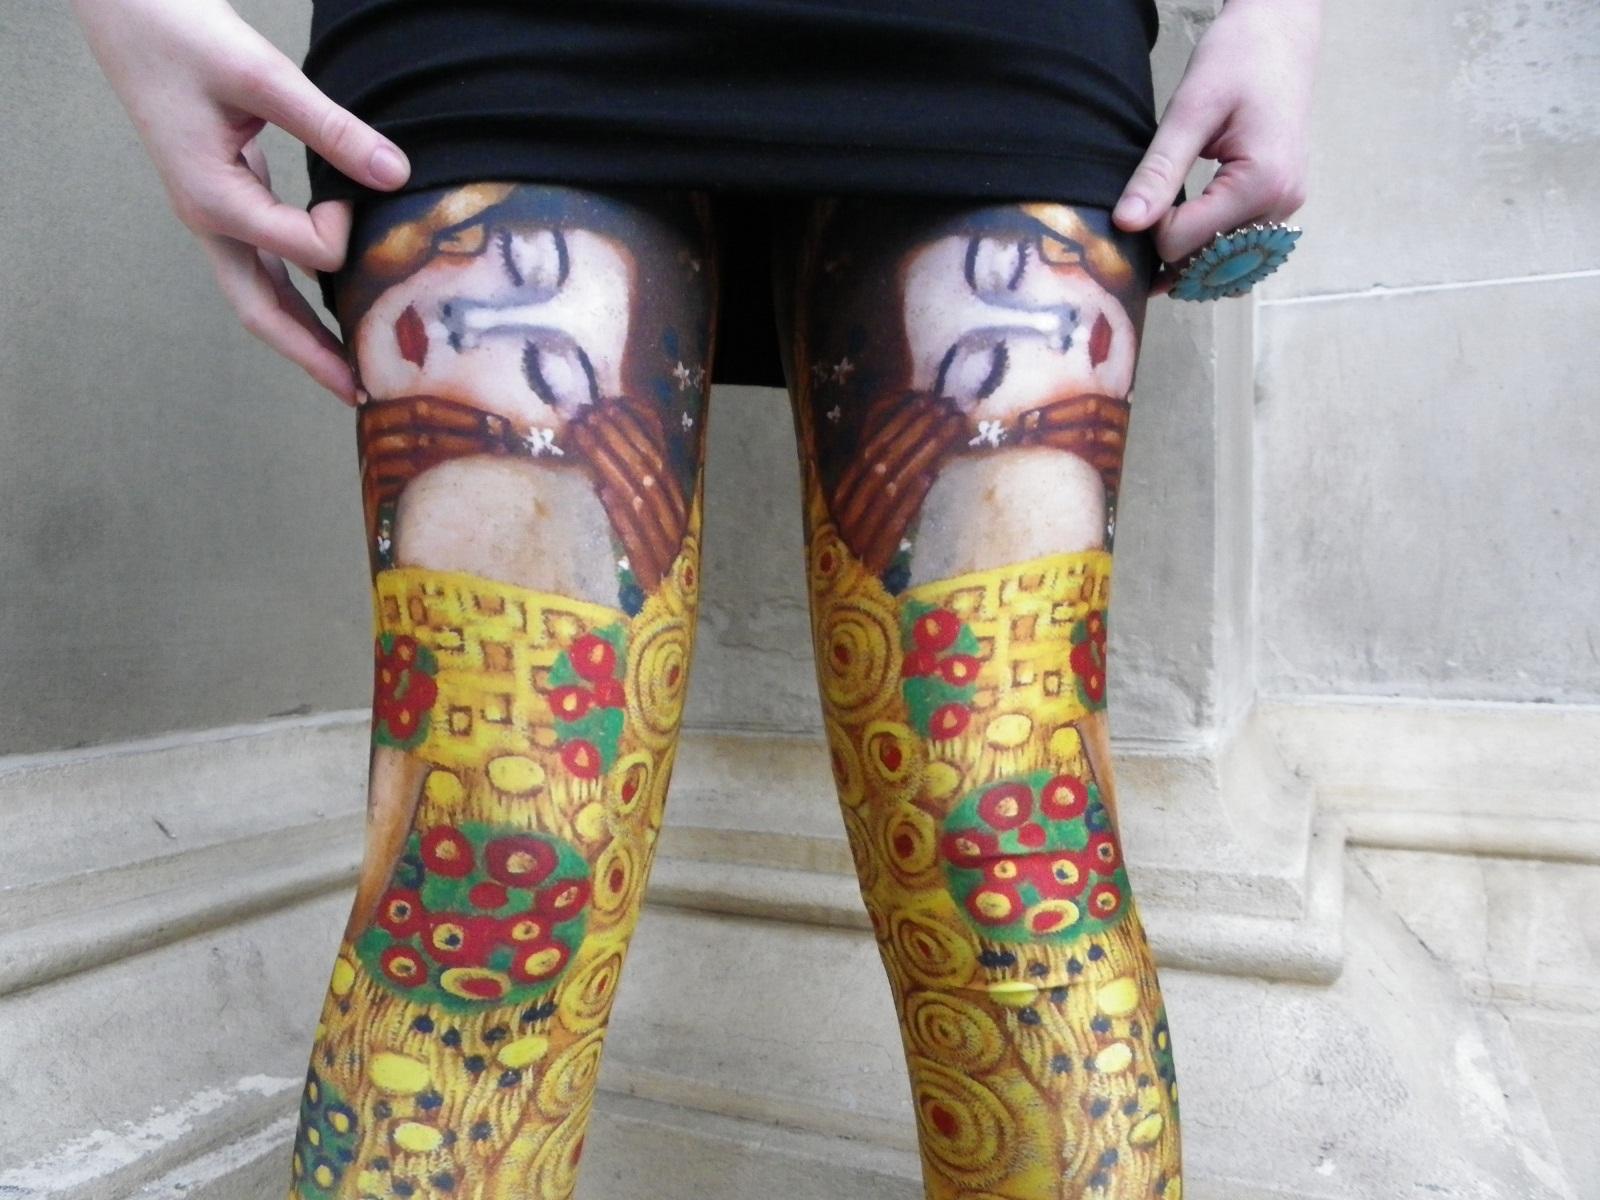 Klimt Der Kuss Wallpaper Tuesday September 25 2012